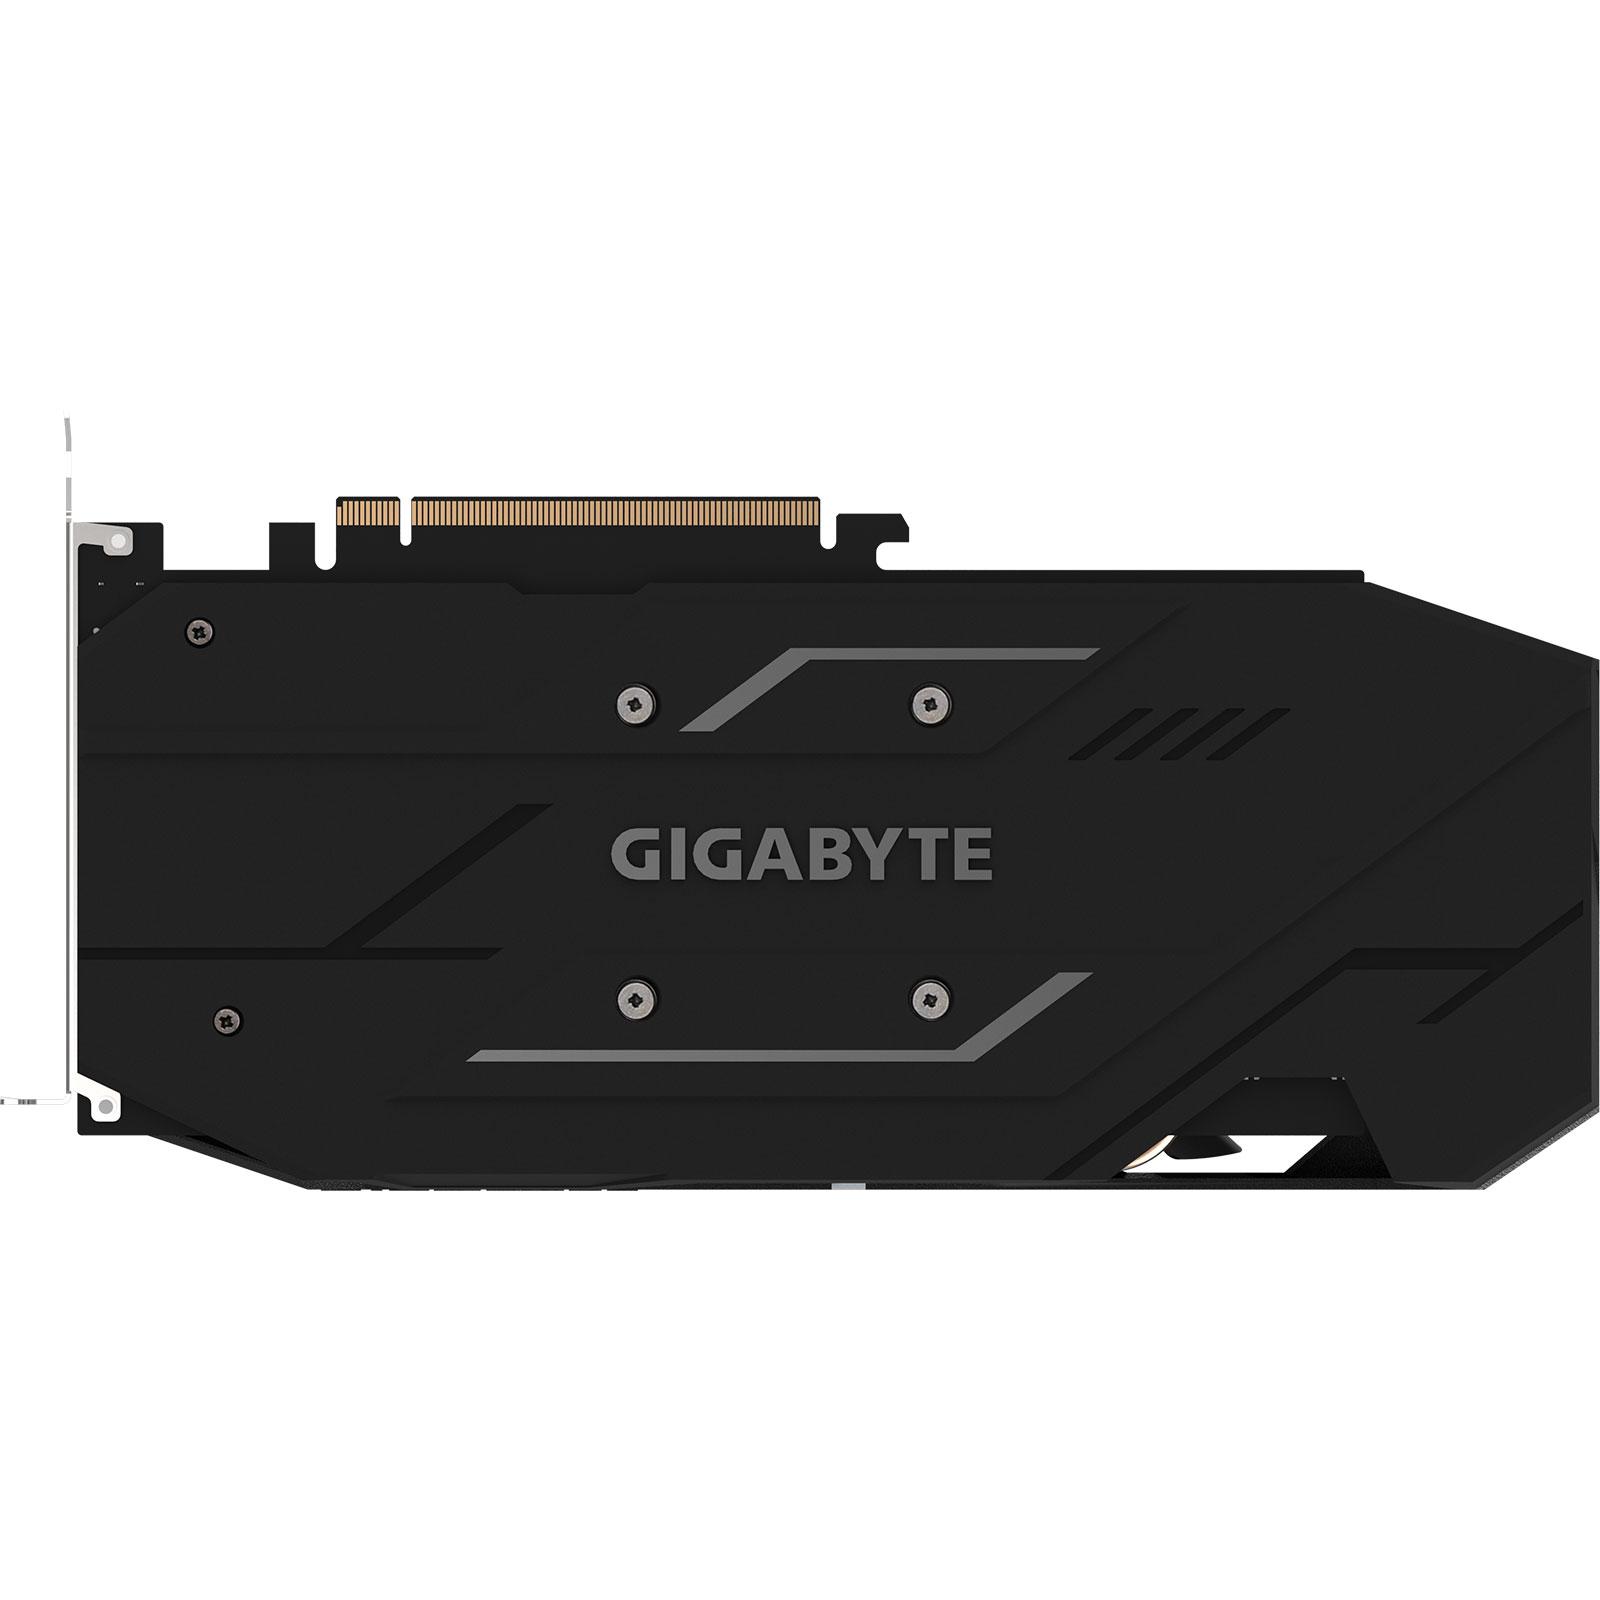 Gigabyte GV-N166TWF2OC-6GD 6Go - Carte graphique Gigabyte - 2